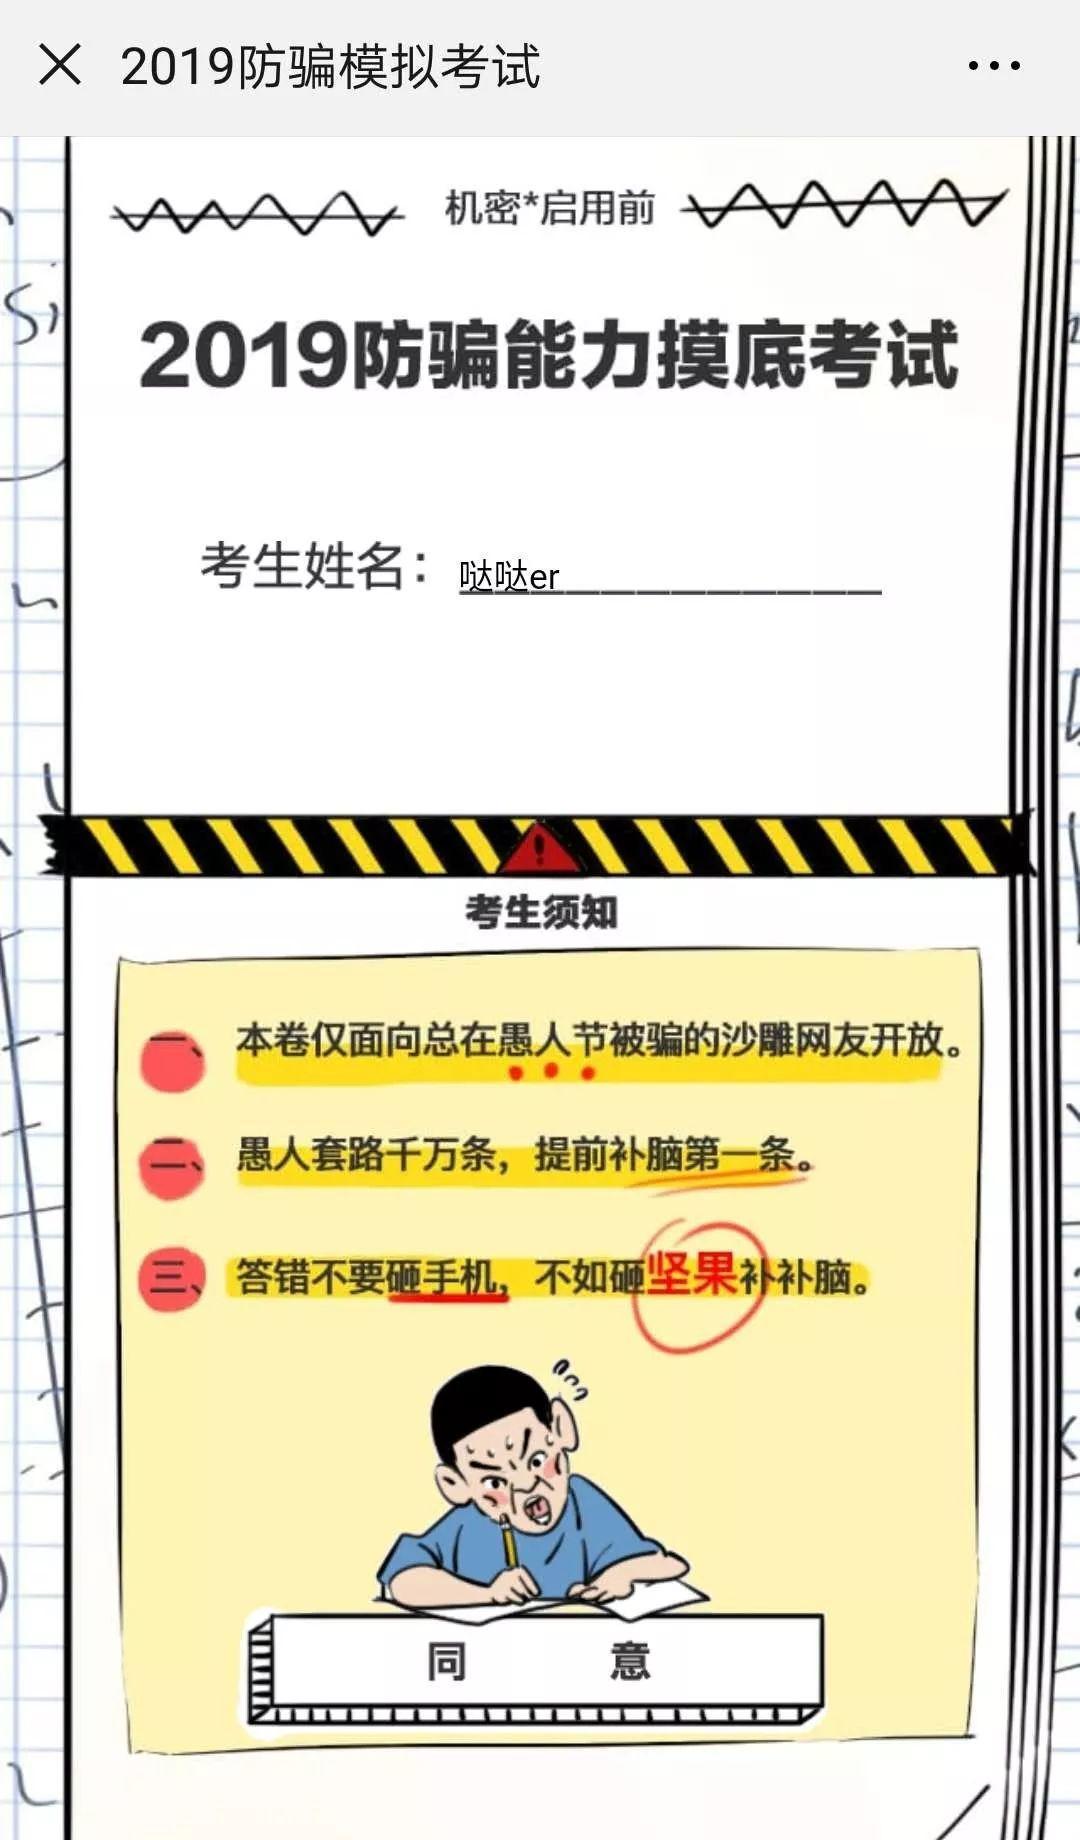 愚人节H5汇总:你有一份骗人手册等待查收